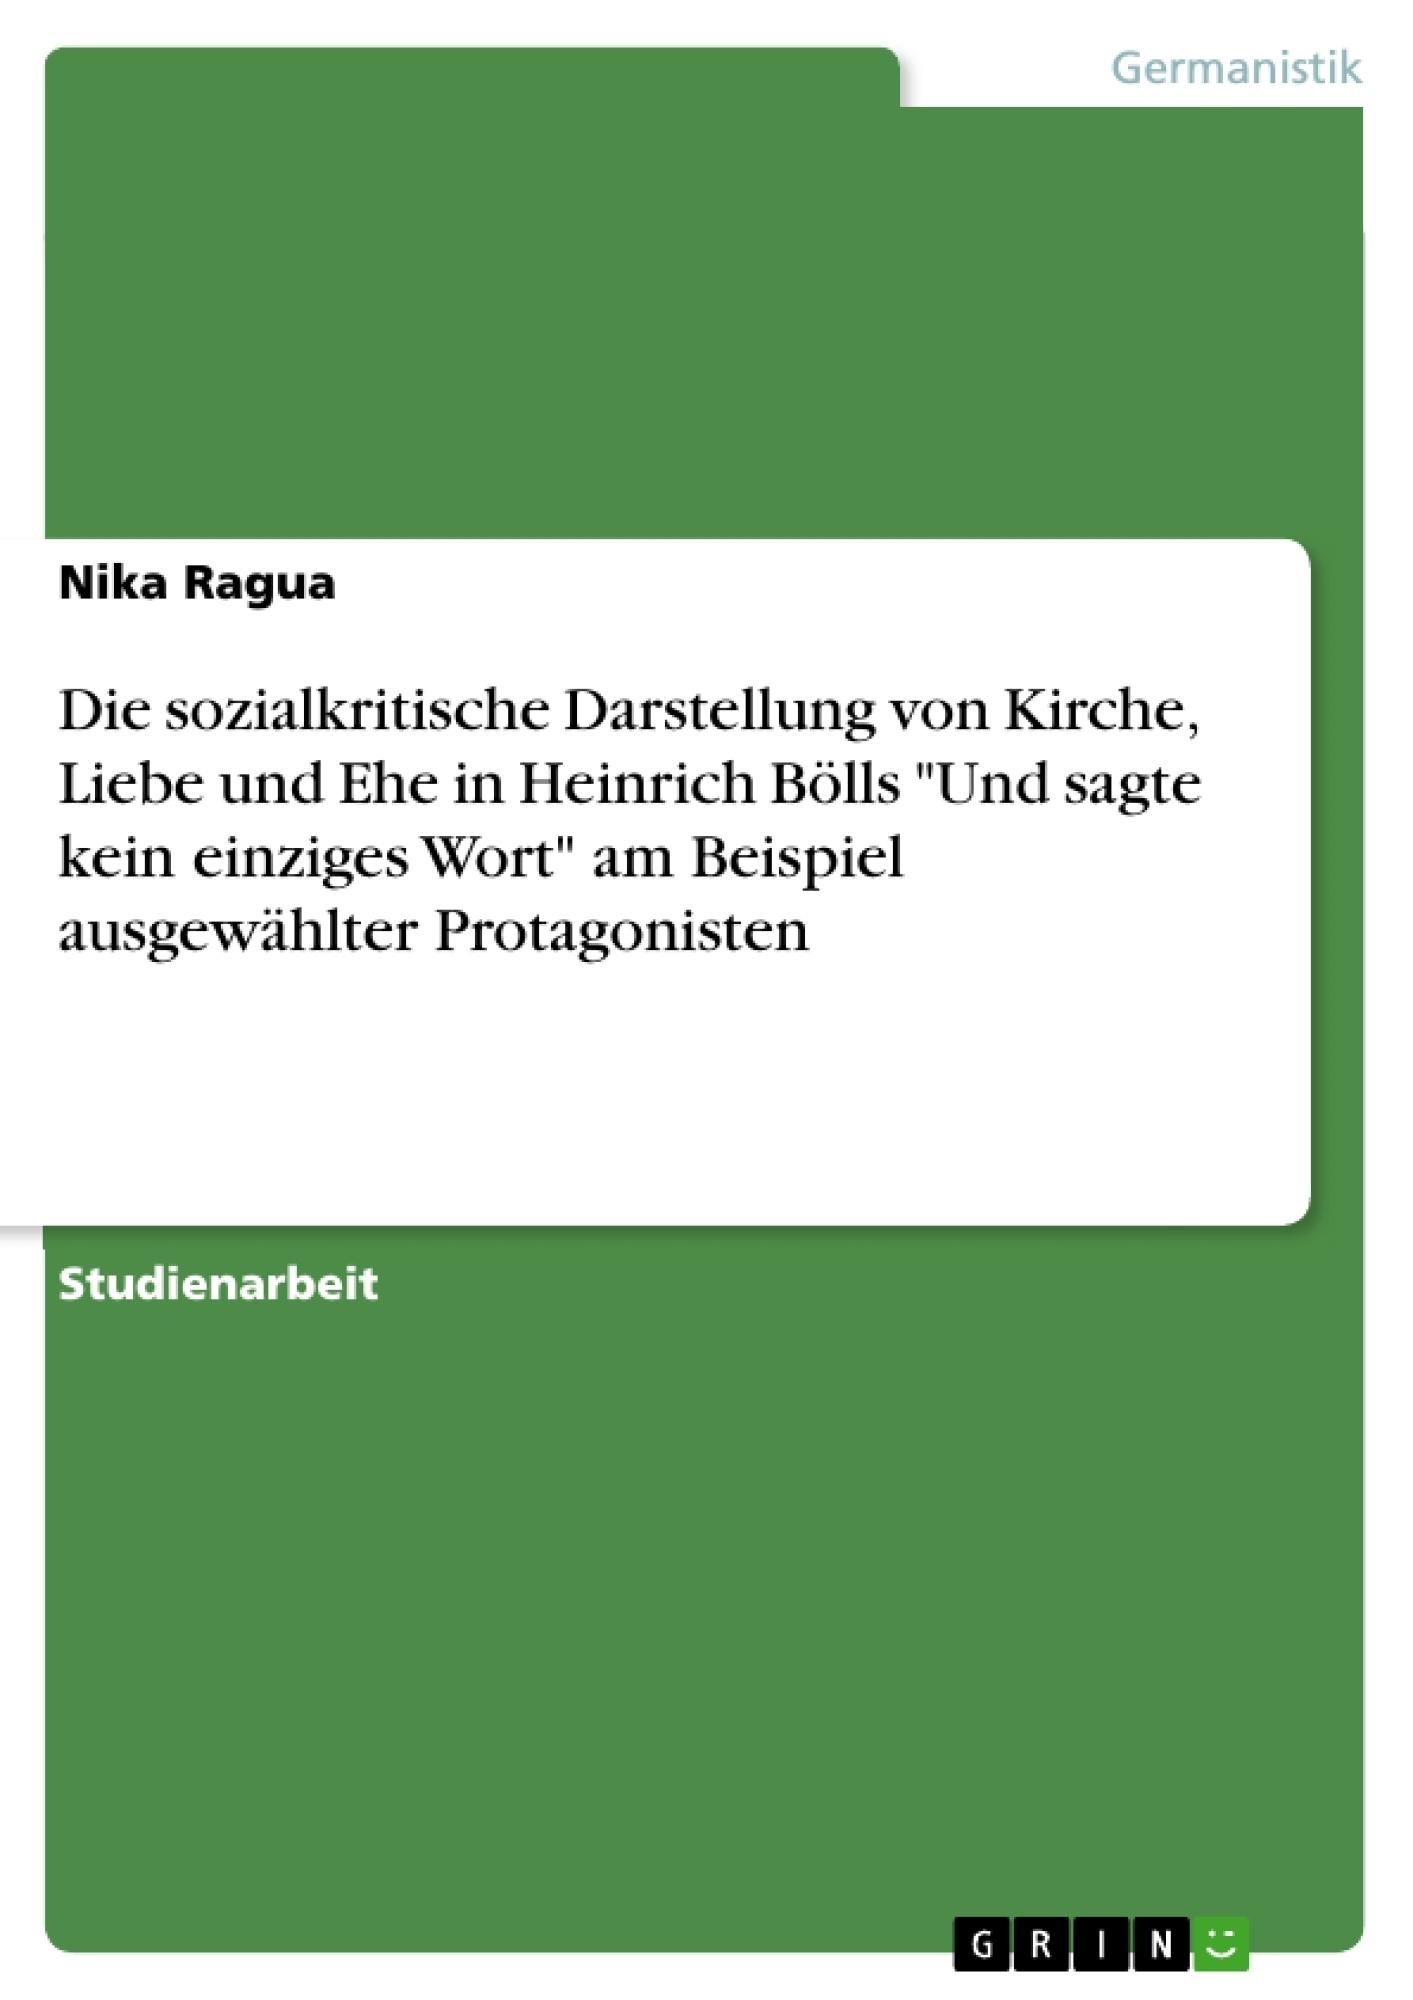 """Titel: Die sozialkritische Darstellung von Kirche, Liebe und Ehe in Heinrich Bölls """"Und sagte kein einziges Wort"""" am Beispiel ausgewählter Protagonisten"""